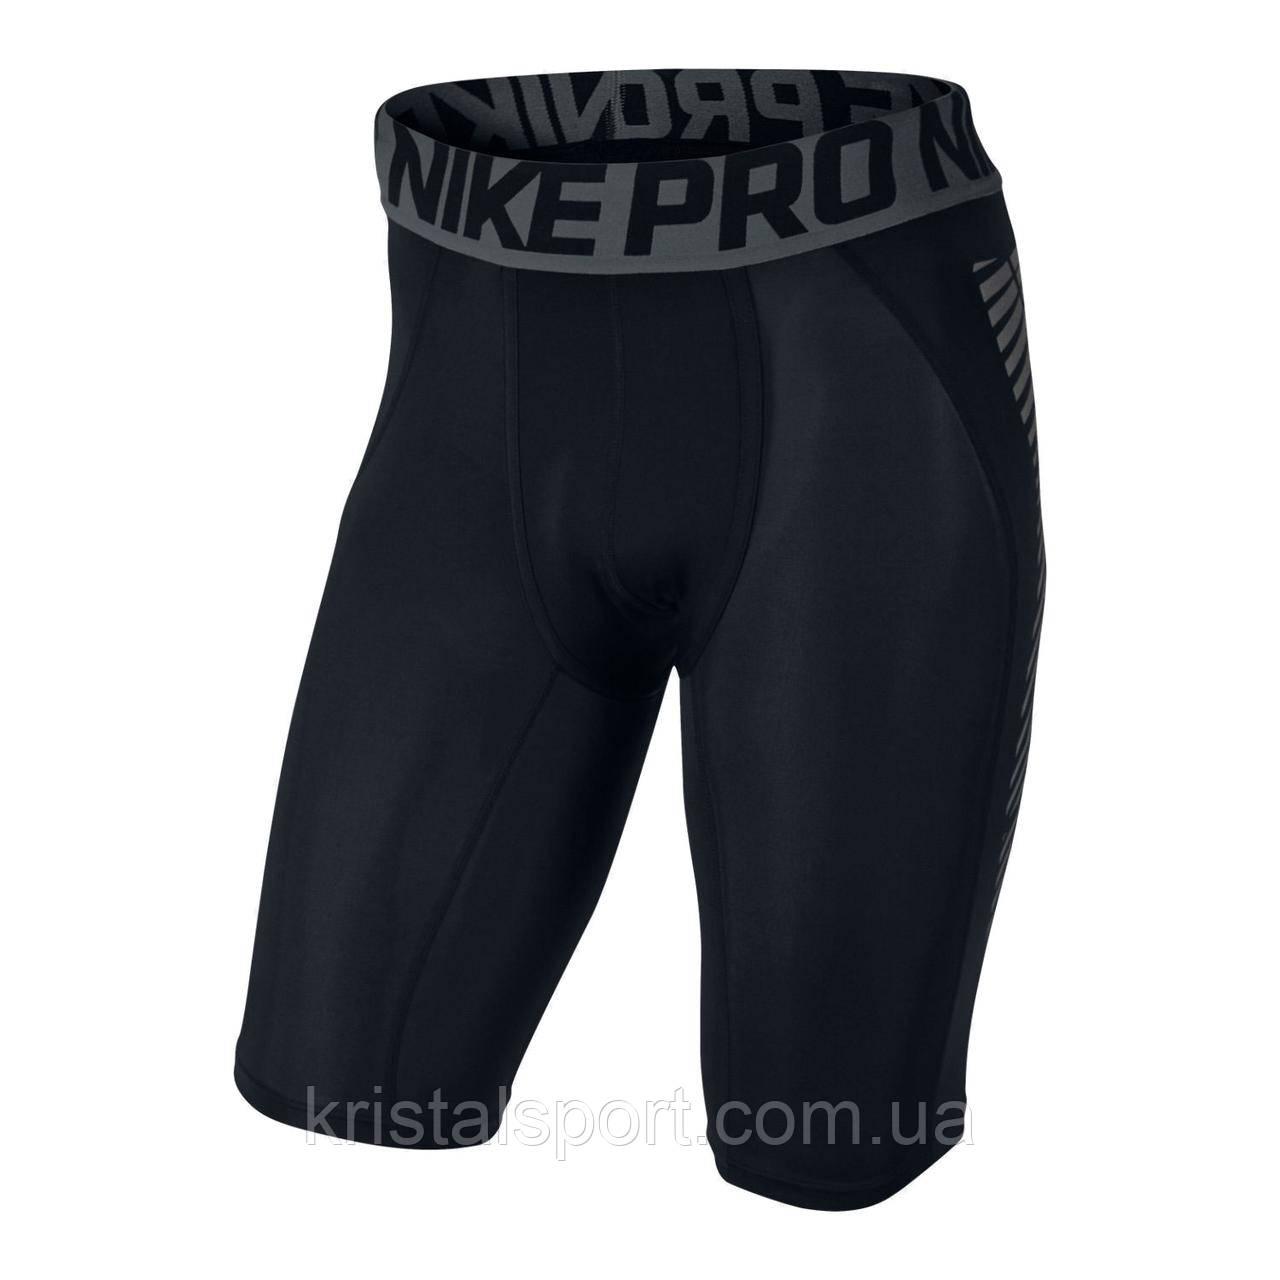 1d2c3450 Термо Шорты Nike Pro — в Категории